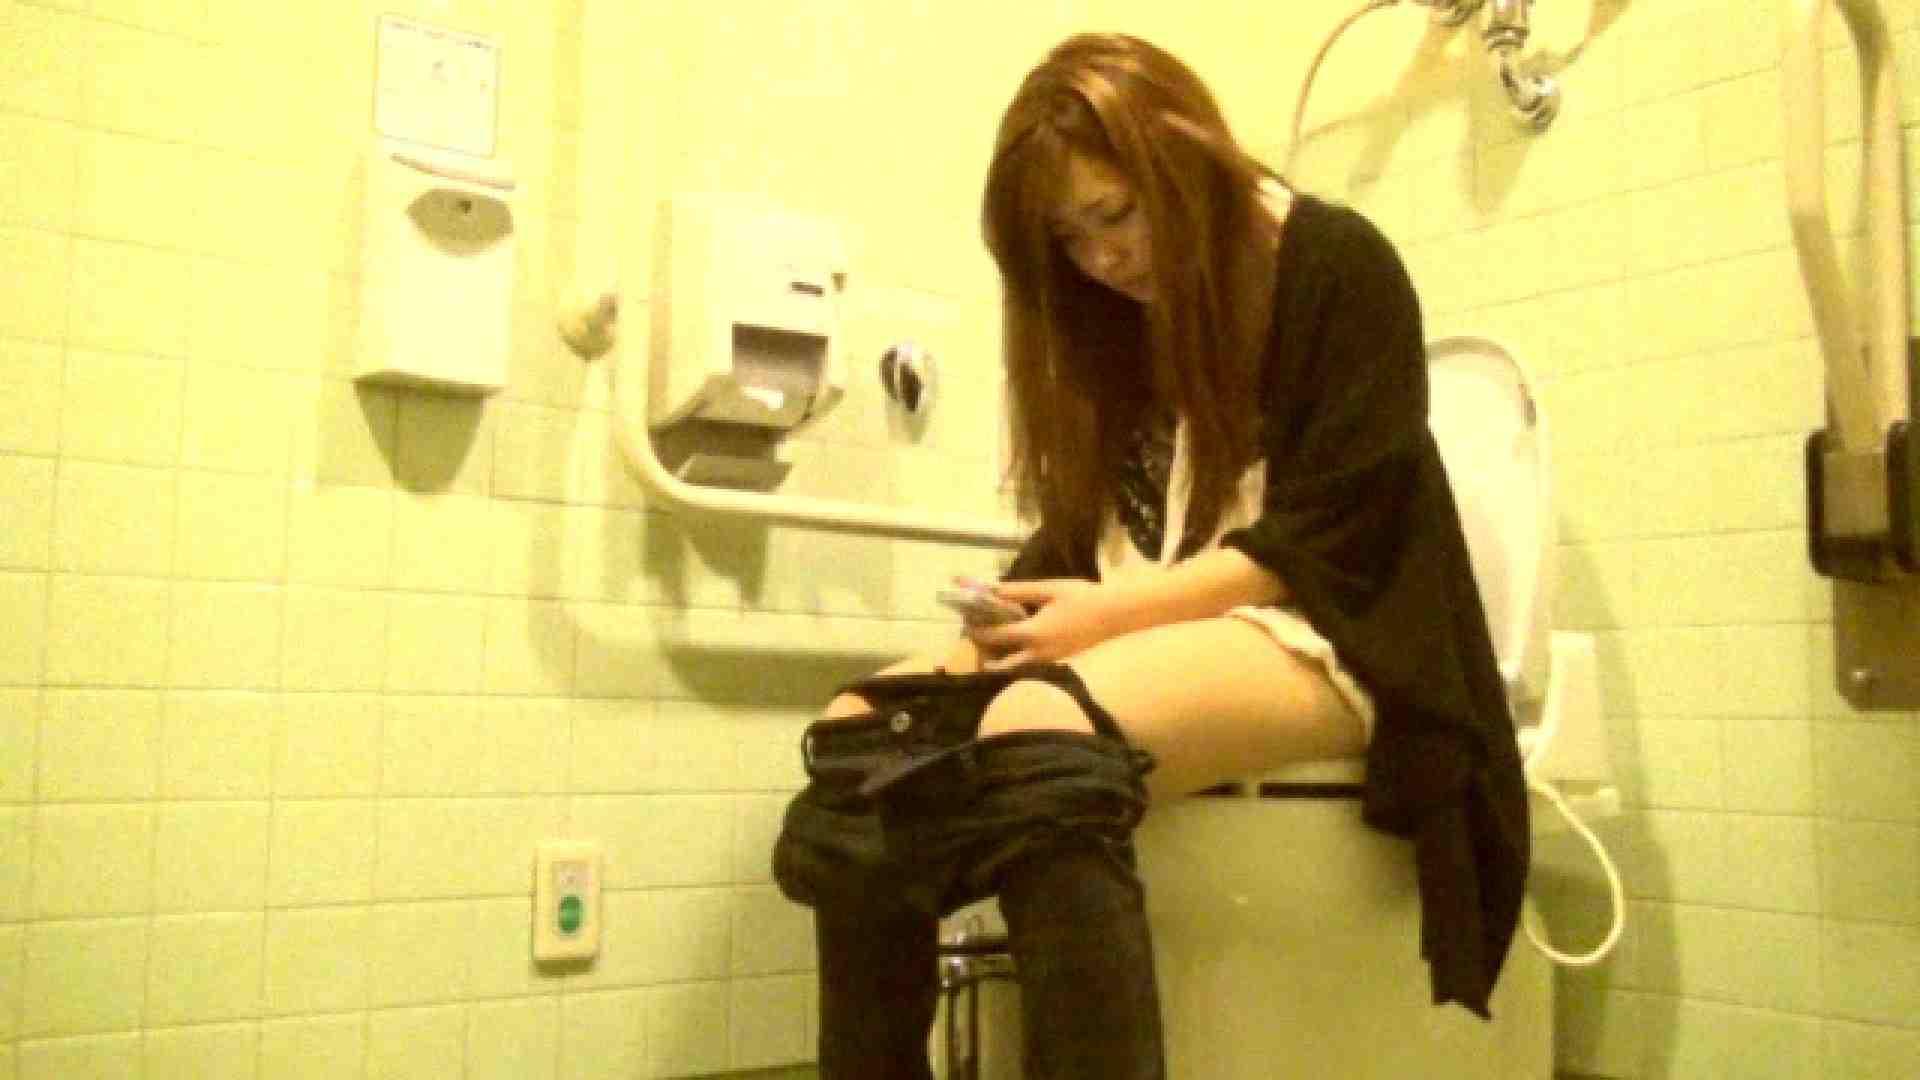 魔術師の お・も・て・な・し vol.26 19歳のバーの店員さんの洗面所をしばし… 美しいOLの裸体 | イタズラ  73pic 28